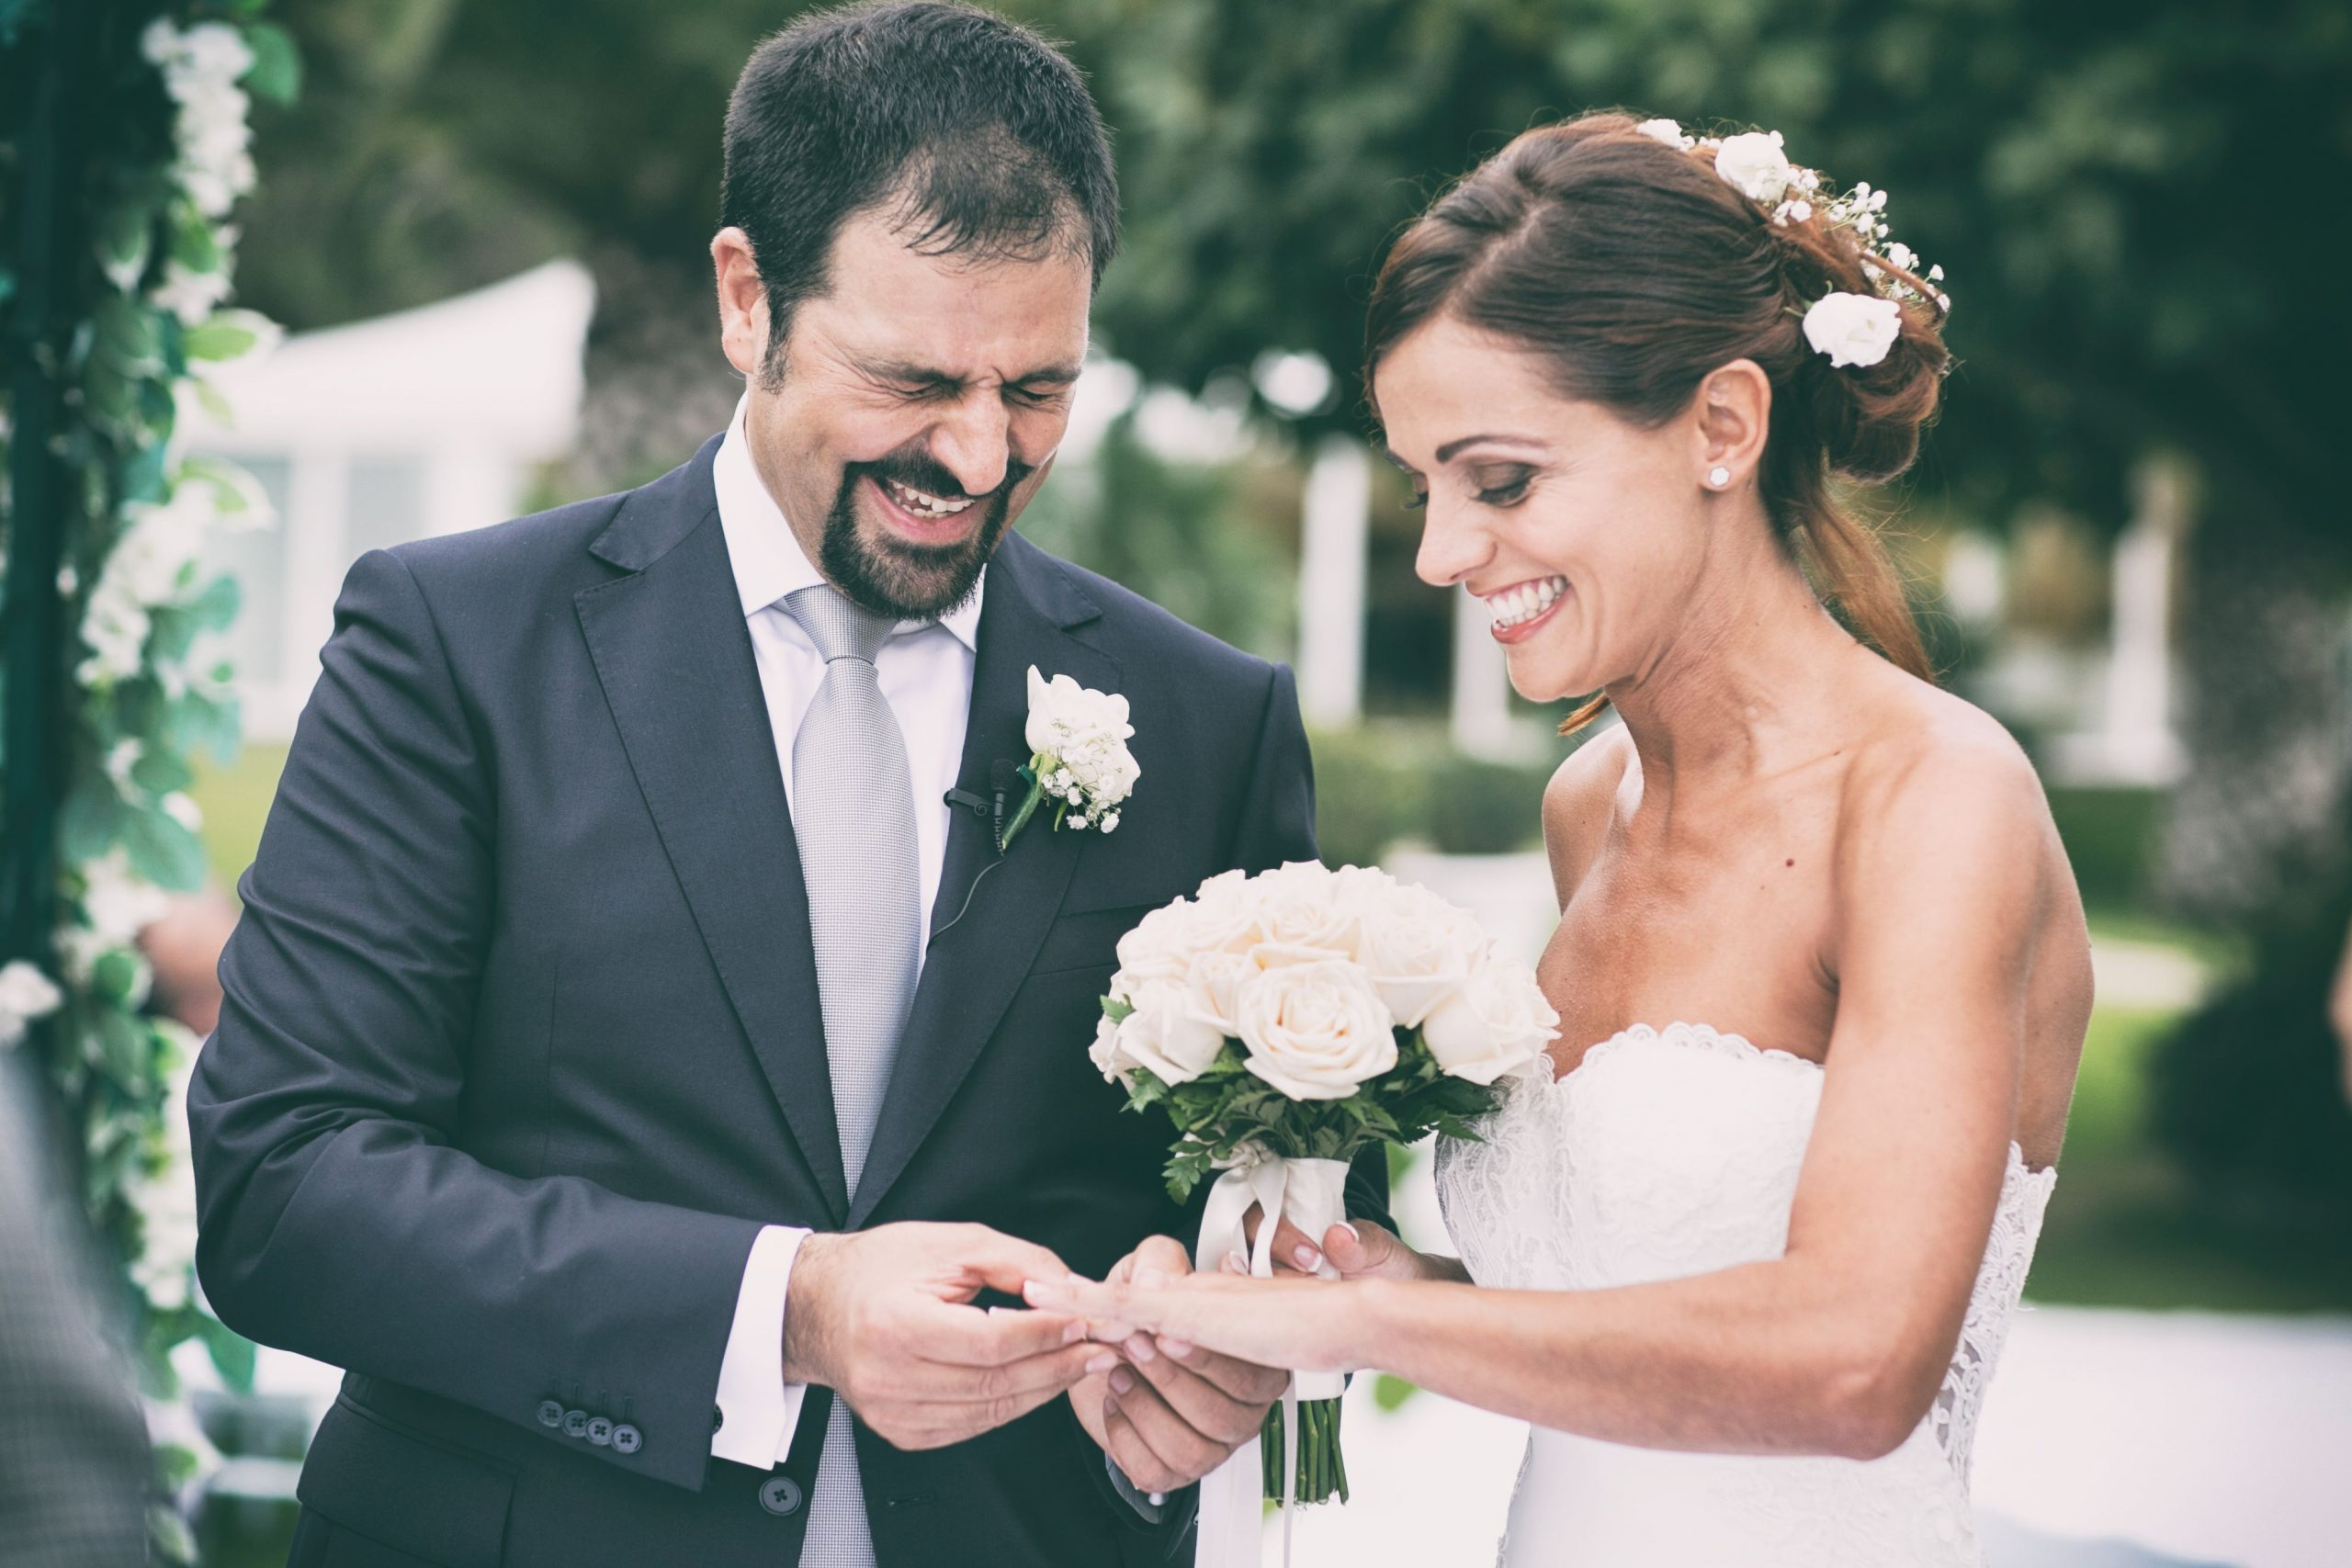 La passione per i matrimoni diventa un lavoro